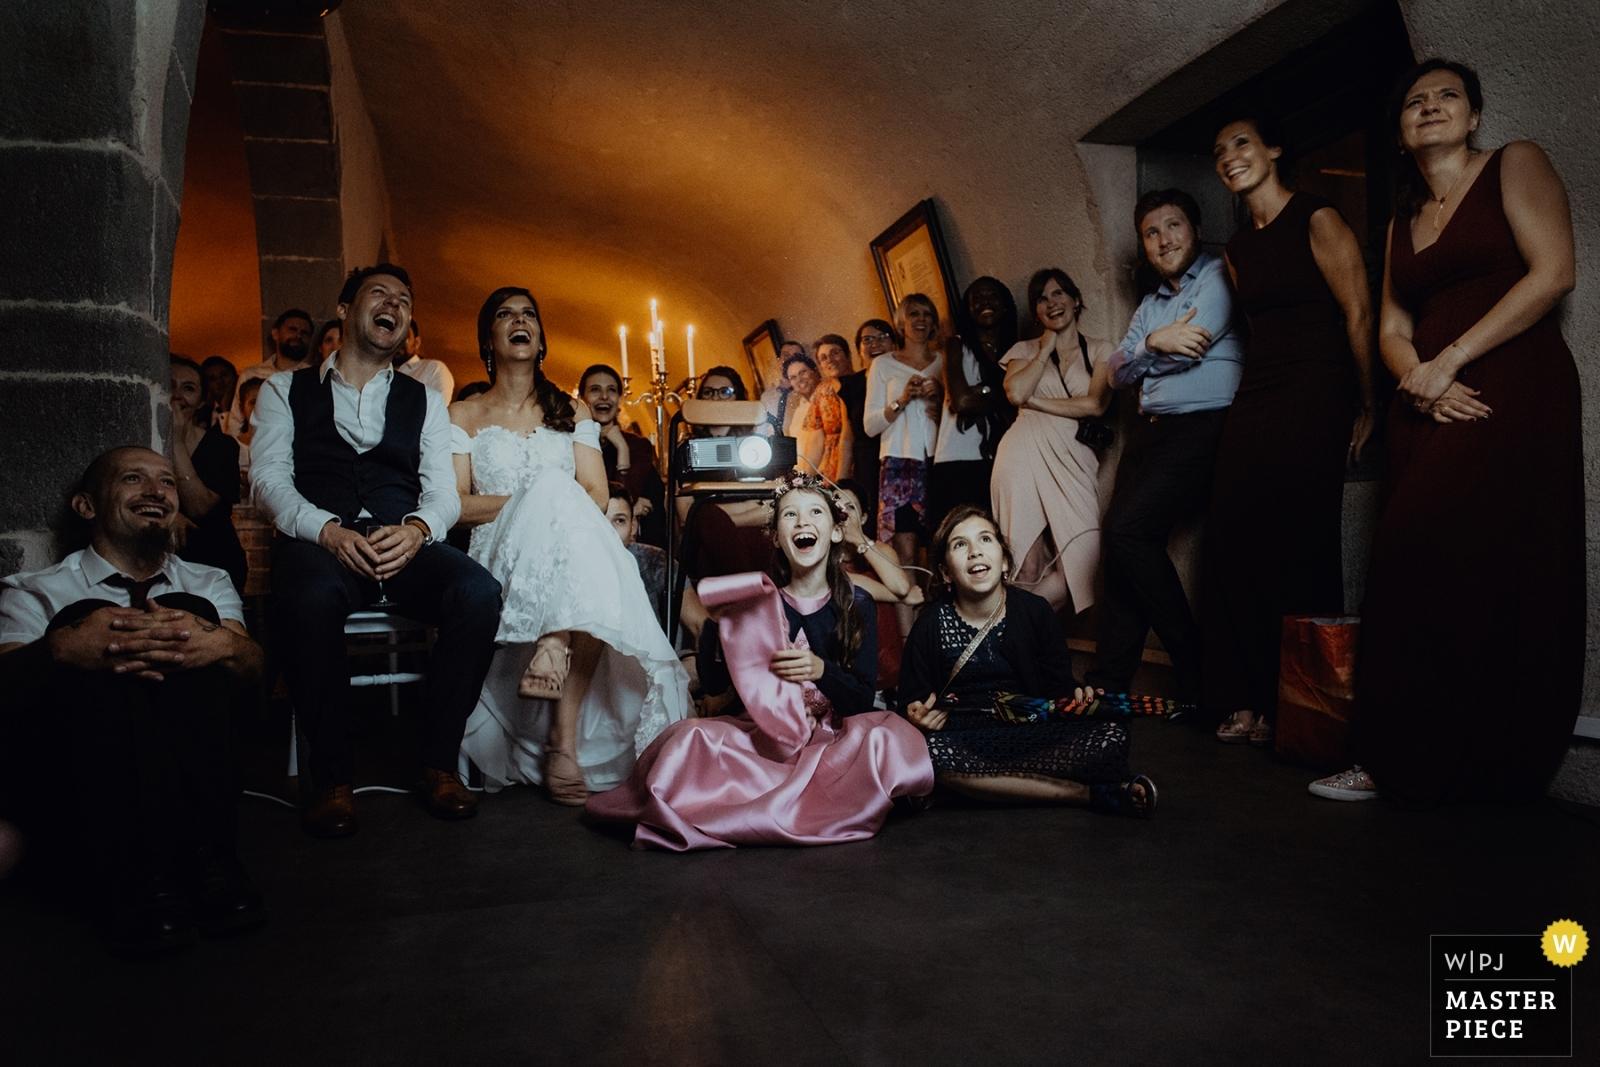 Photographie de mariage récompensée, la soirée